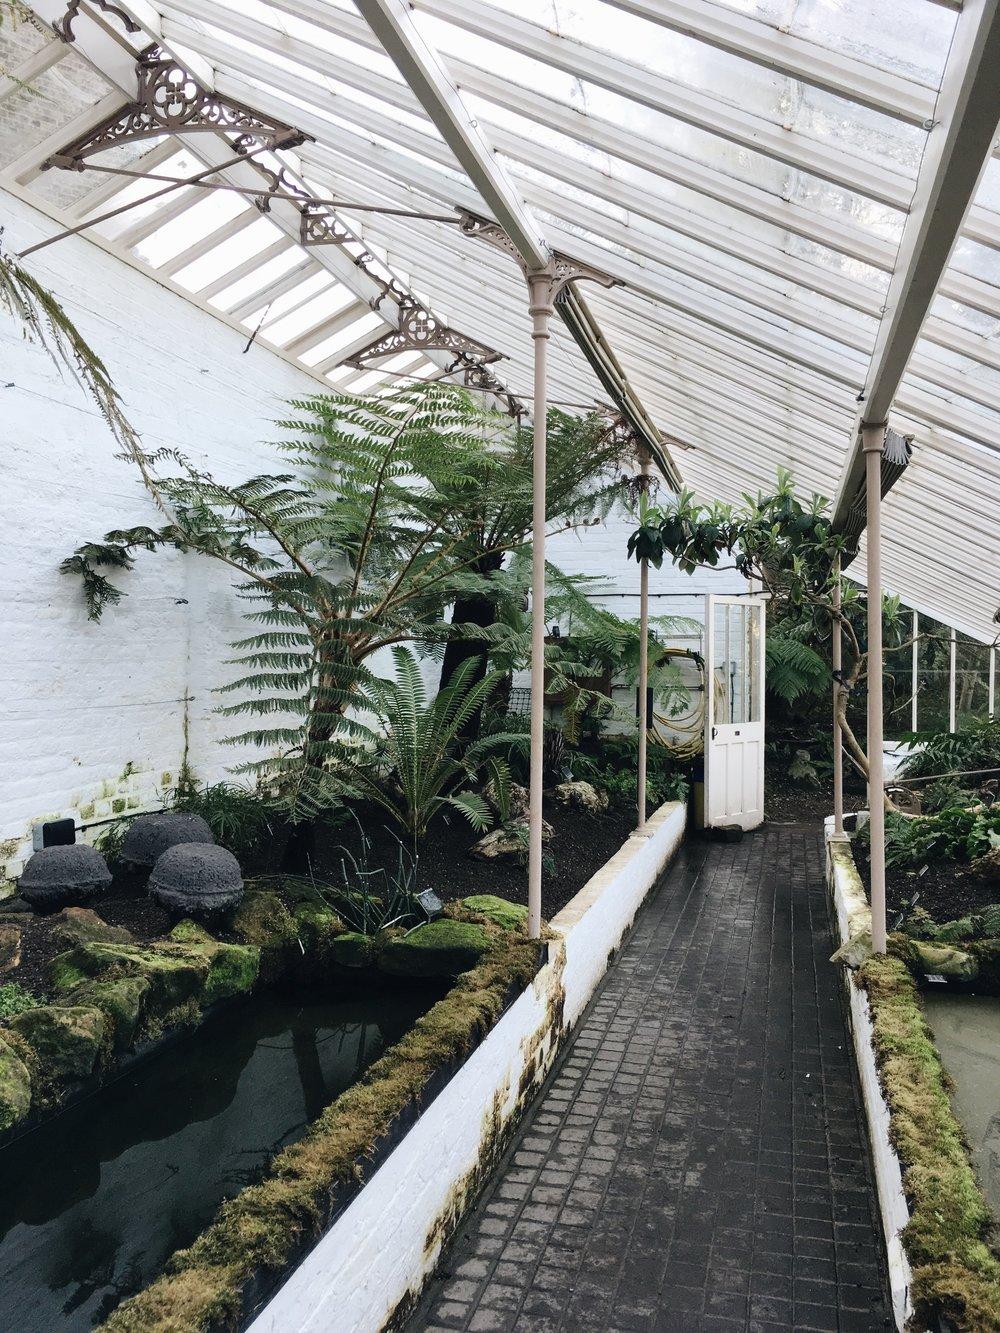 Chelsea-phsysic-garden-eva-nemeth_14b_JPG.jpg